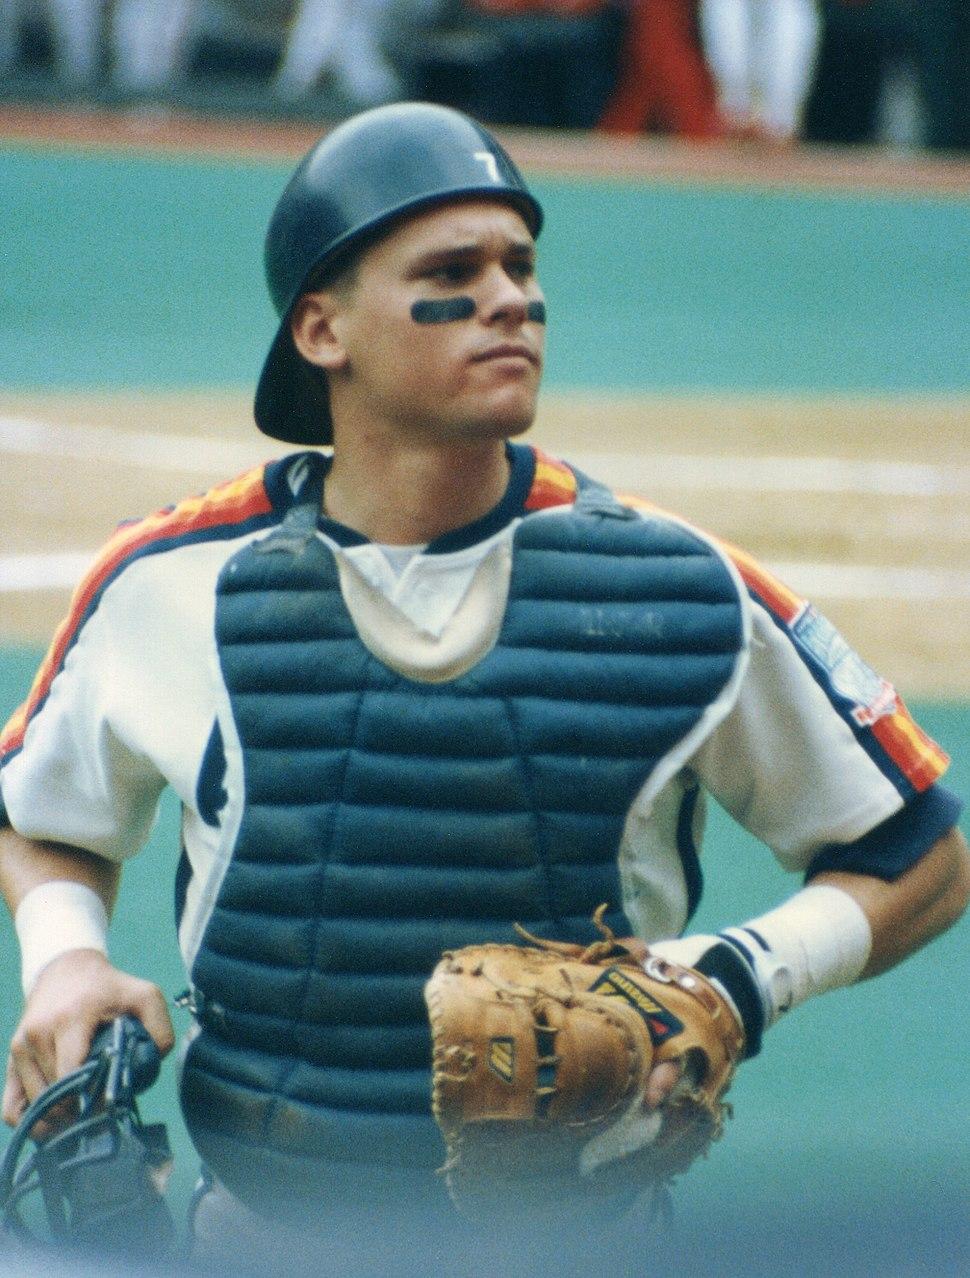 Craig-biggio catcher cincinnati 10-03-1990